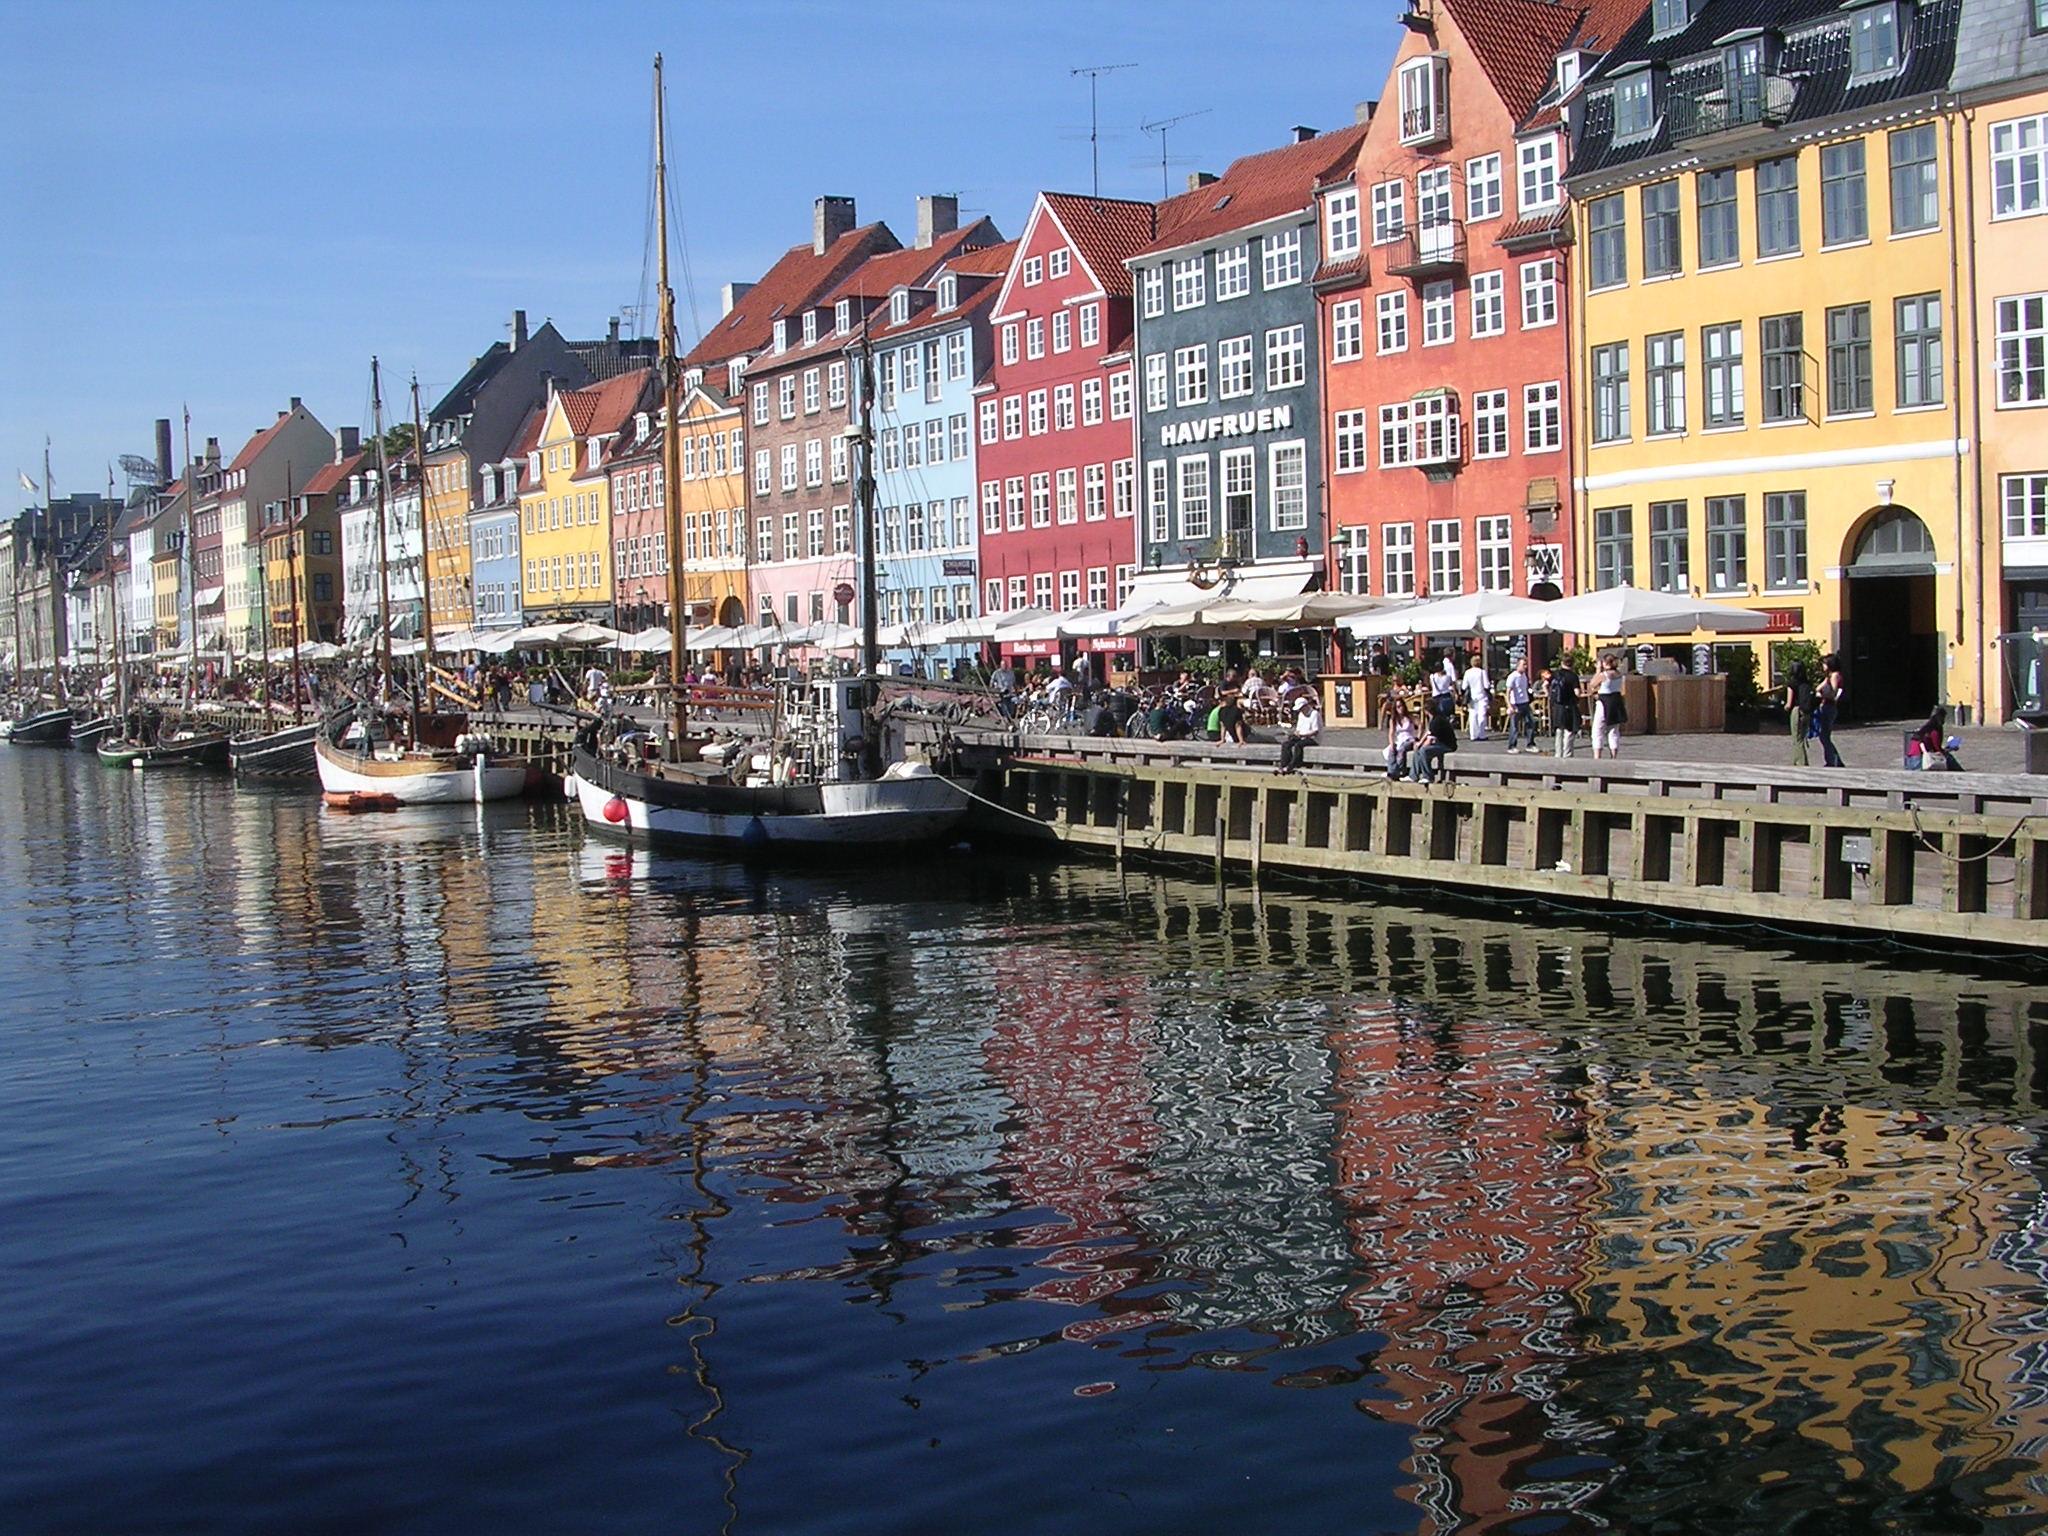 Hd Widescreen Fall Wallpaper Fil Kopenhagen Nyhavn Jpg Wikipedia